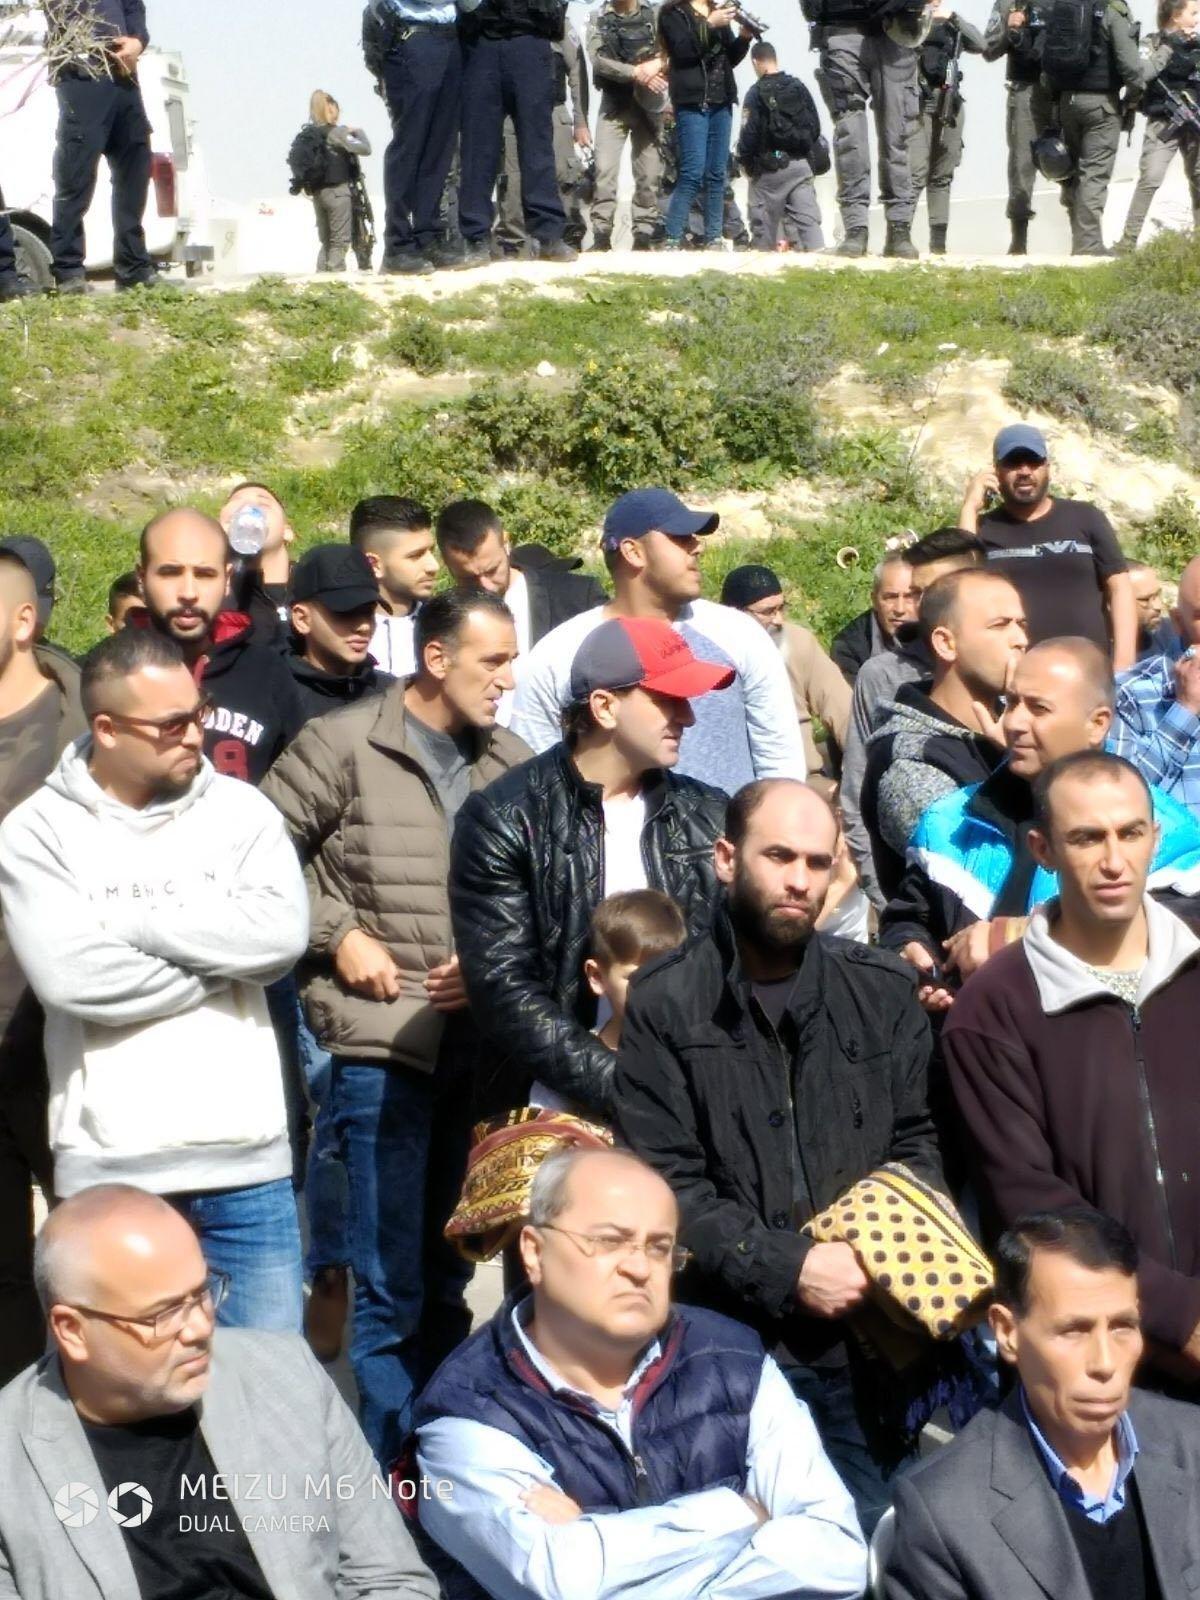 الطيبي في مظاهرة العيساوية: الاحتجاج سيستمر حتى يرفع الظلم والقمع